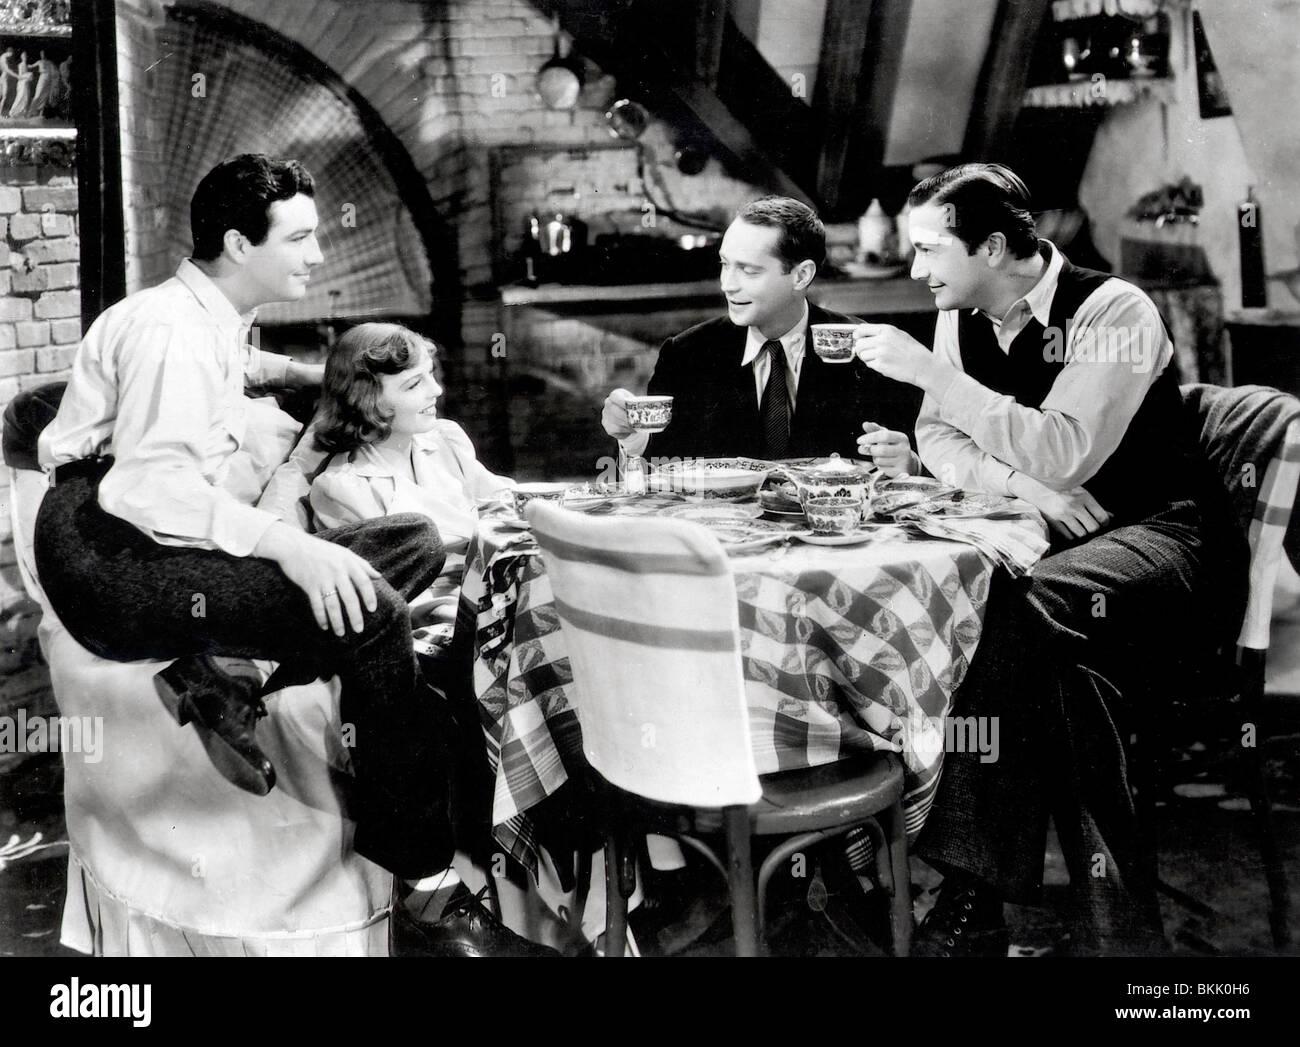 Trois camarades (1938) ROBERT TAYLOR, MARGARET SULLAVAN, Franchot Tone, ROBERT YOUNG TREC 008 P Photo Stock